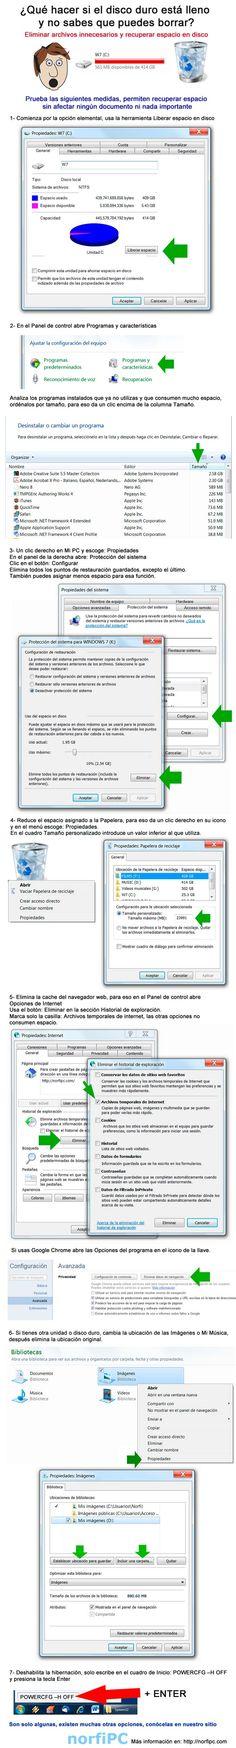 Como eliminar archivos innecesarios en Windows y recuperar espacio en disco, infografía que muestra y explica las medidas elementales, con la explicación paso por paso de cada una de ellas.